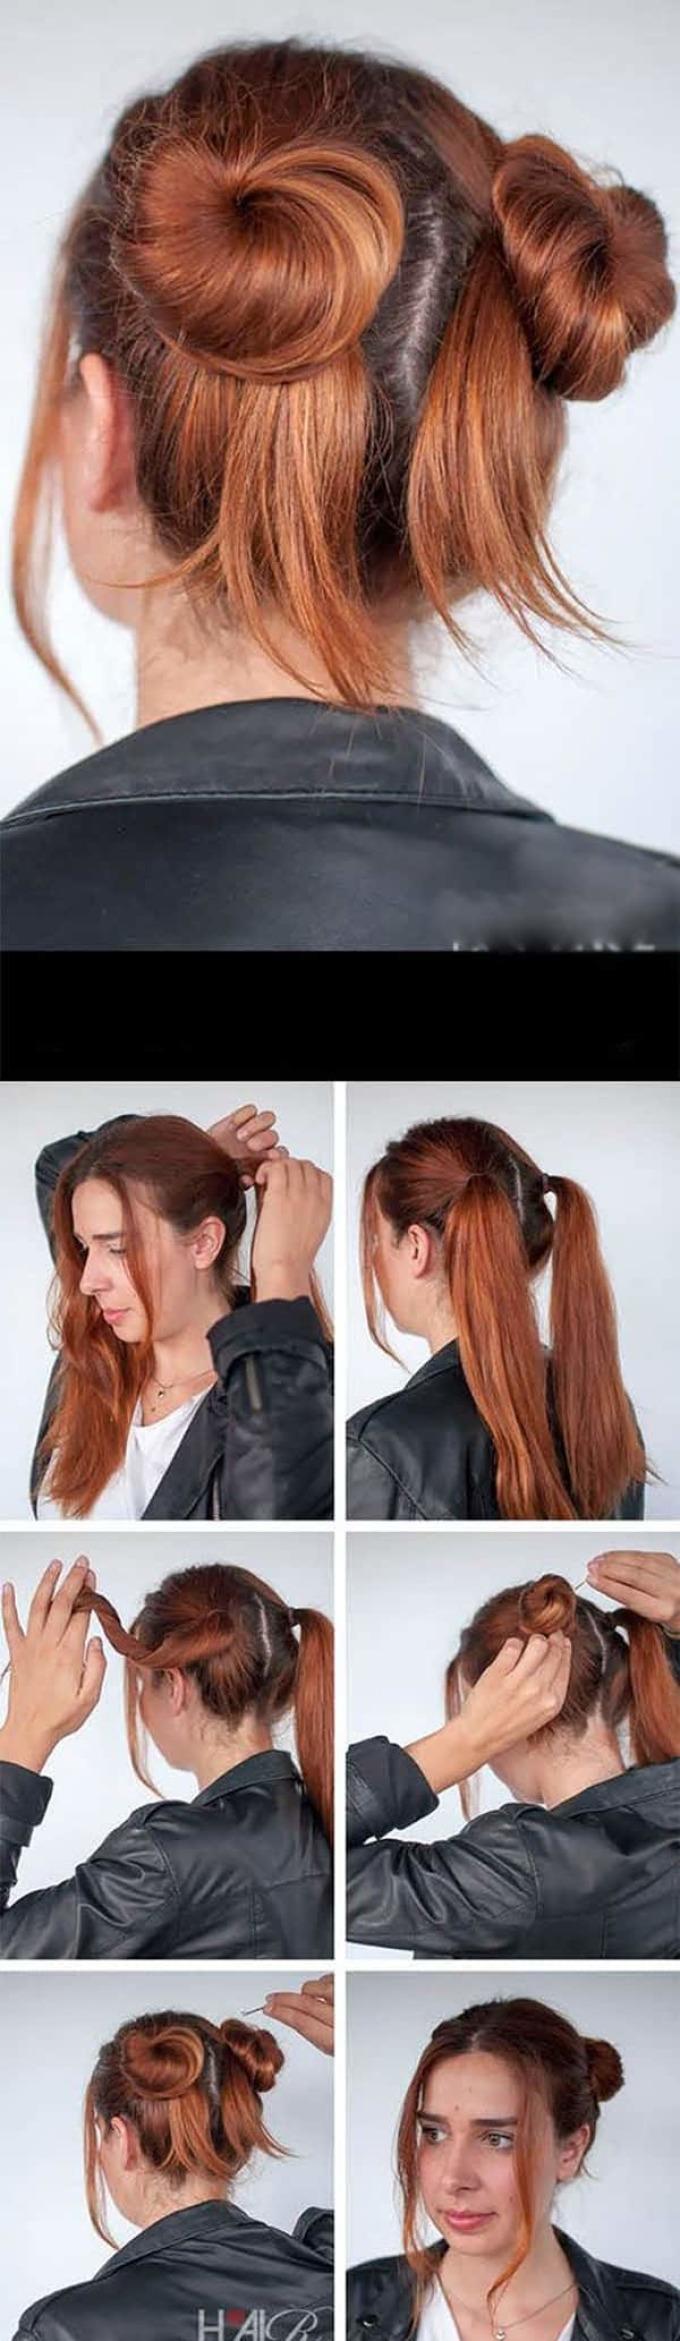 А так делаются пучки на средние или короткие волосы